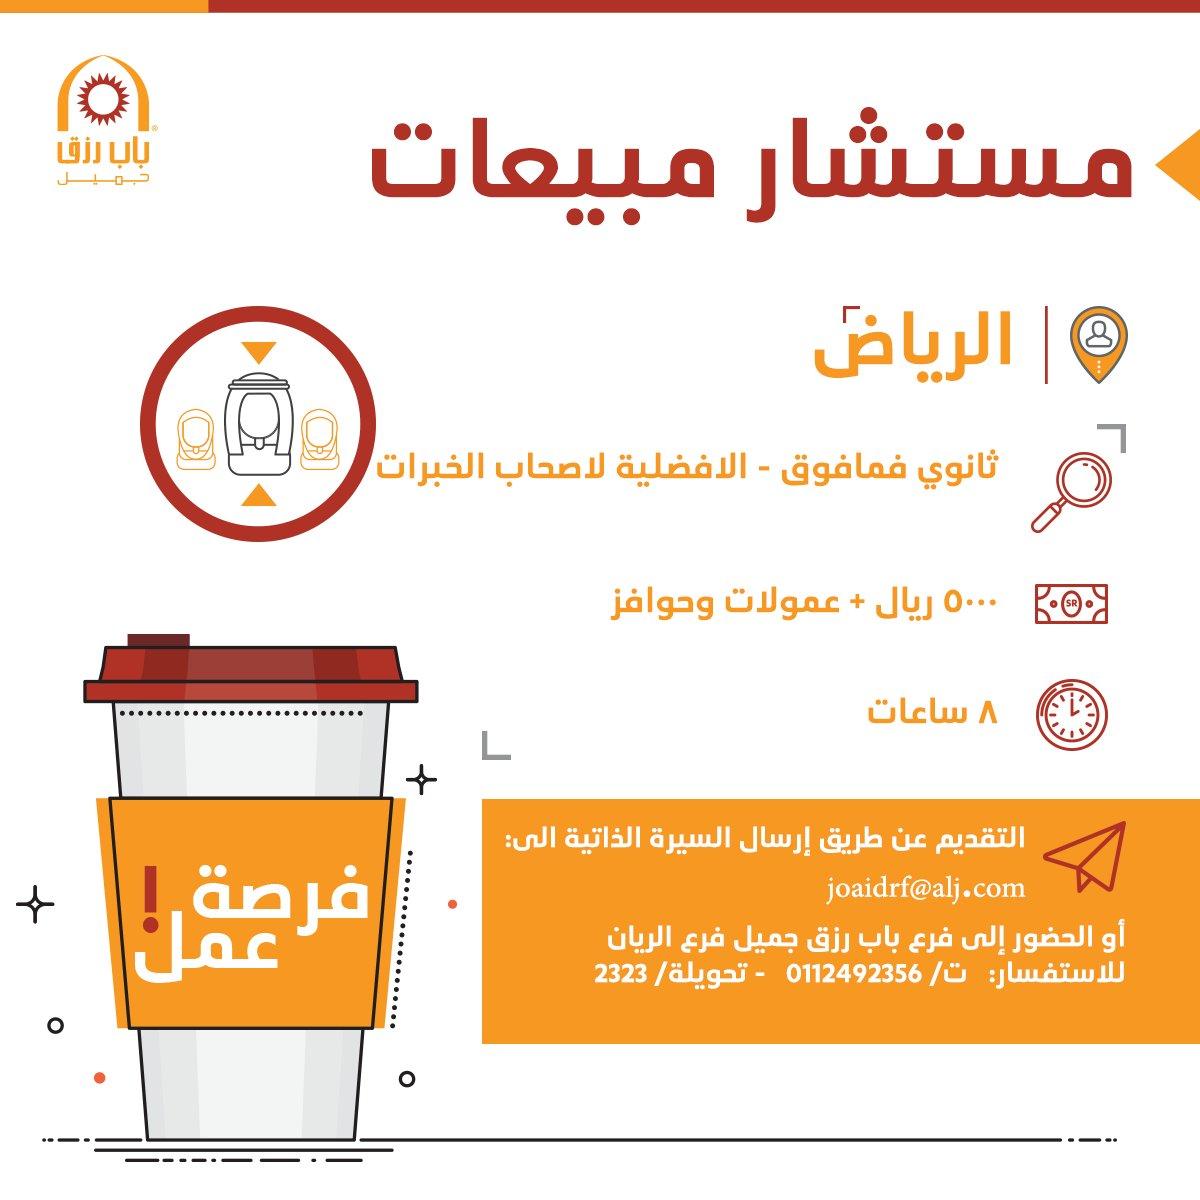 مطلوب مستشار مبيعات - الرياض